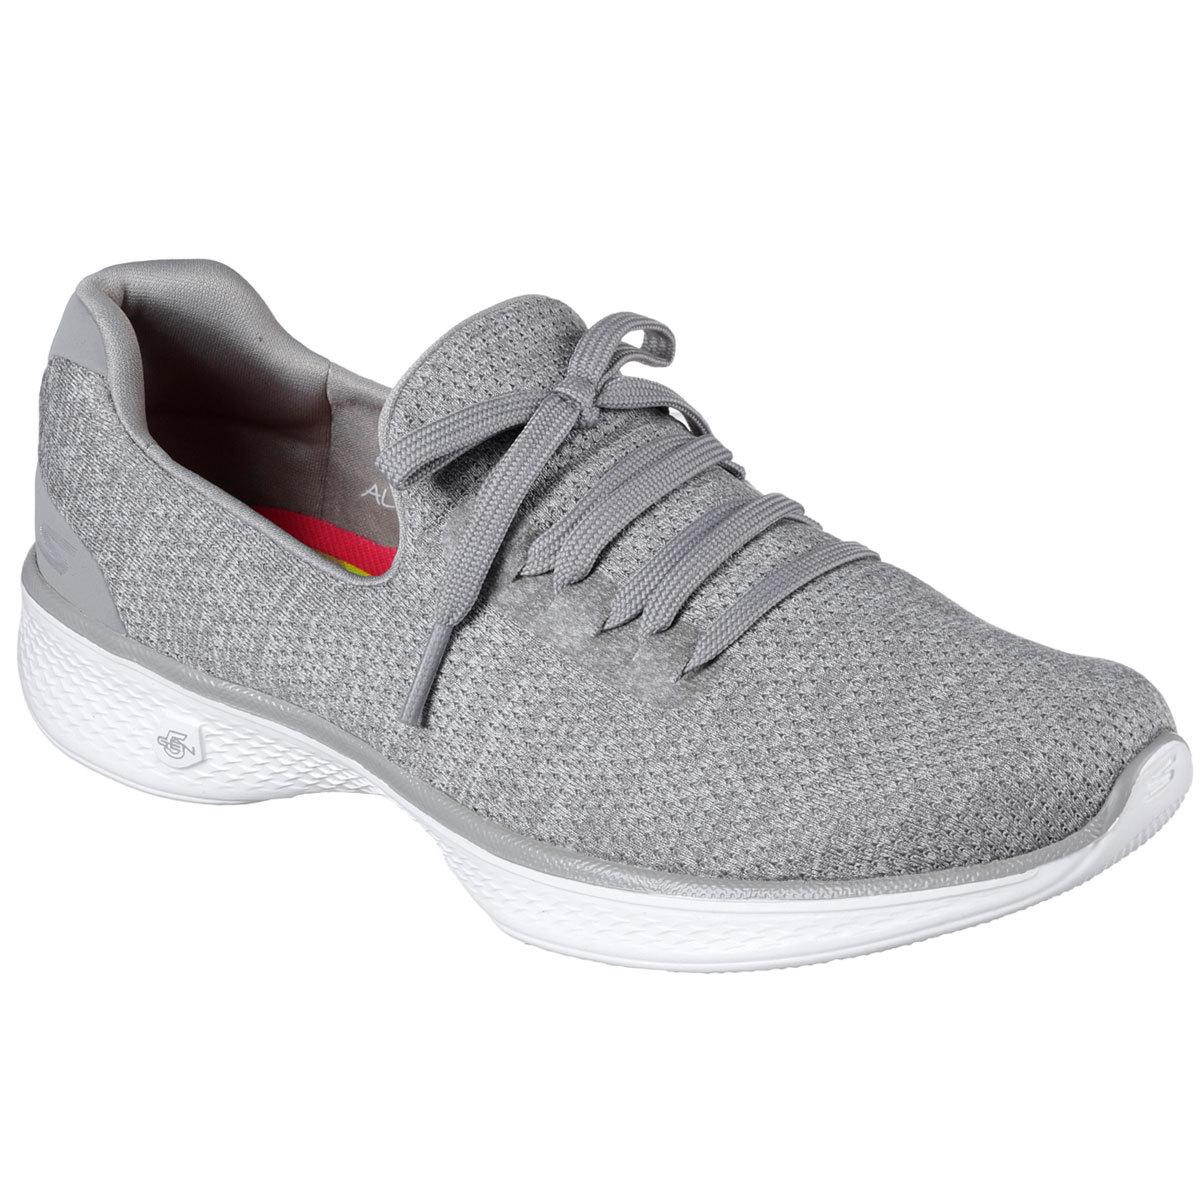 skechers walking shoes skechers womenu0026rsquo;s go walk 4 u0026ndash; all day comfort walking shoes, ... DGQBTFQ